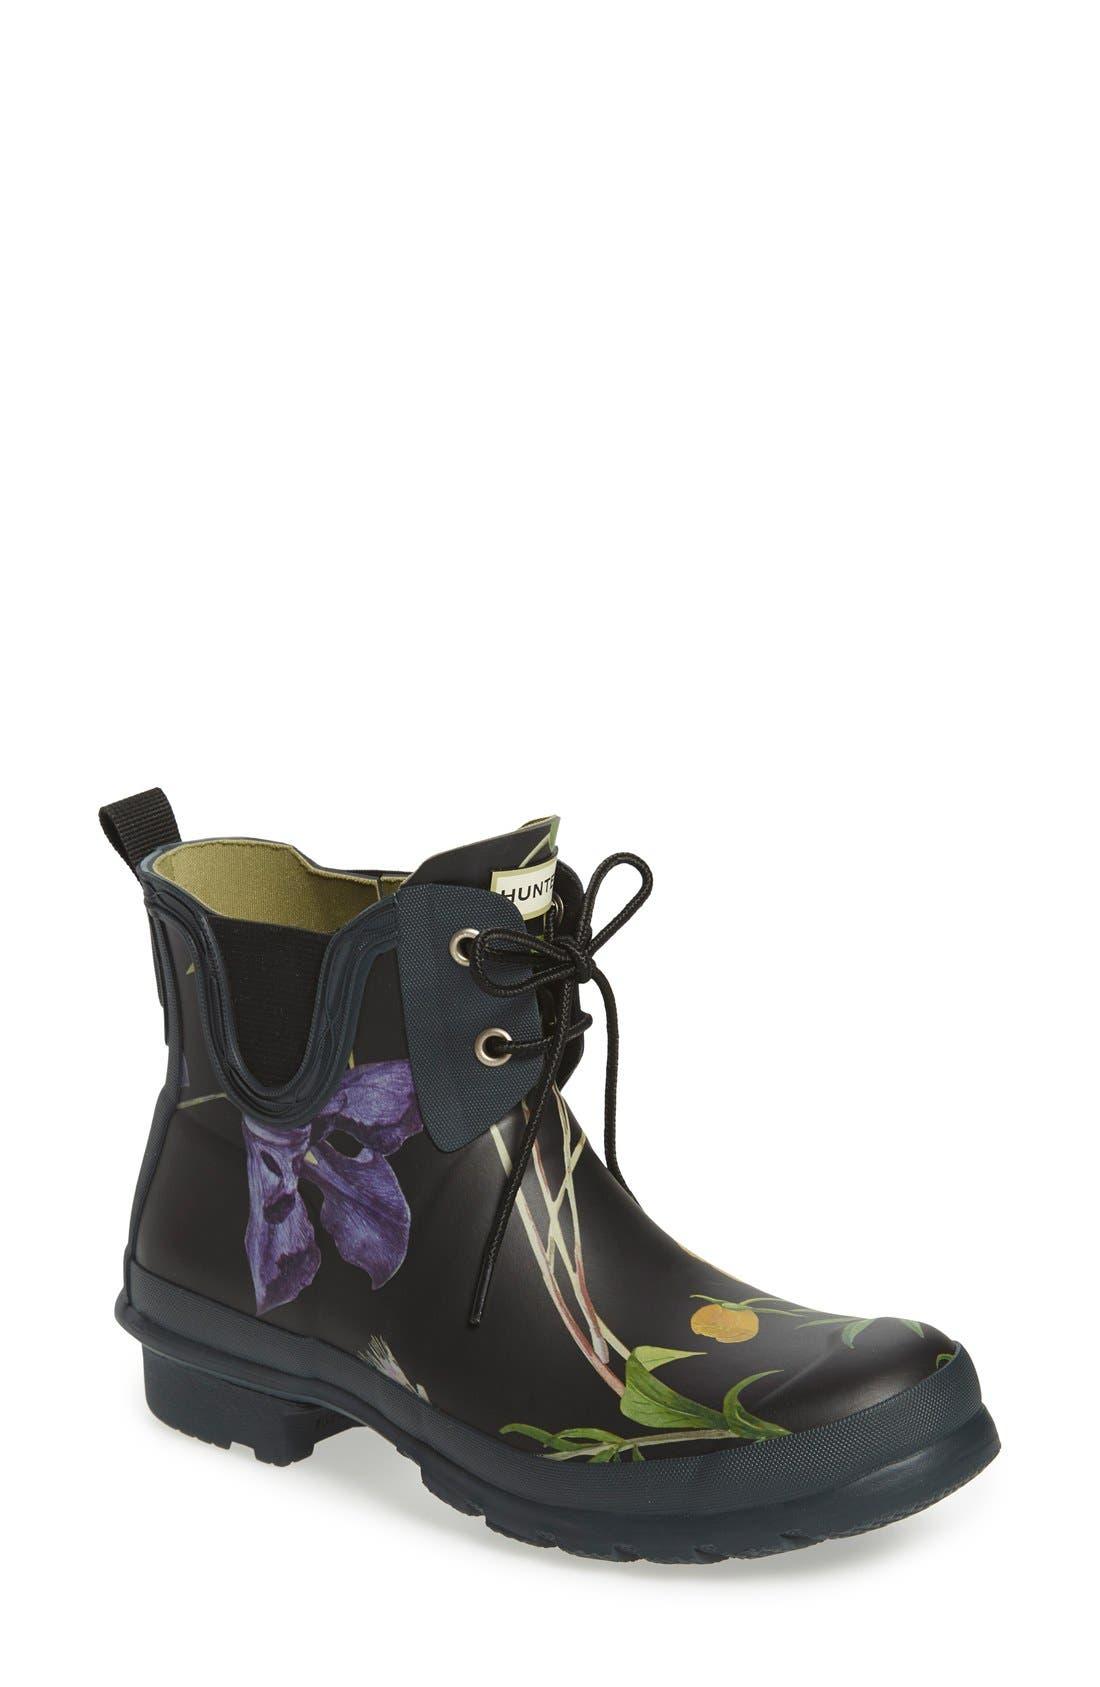 Main Image - Hunter 'Royal Horticultural Society' Waterproof Lace-Up Short Rain Boot (Women)